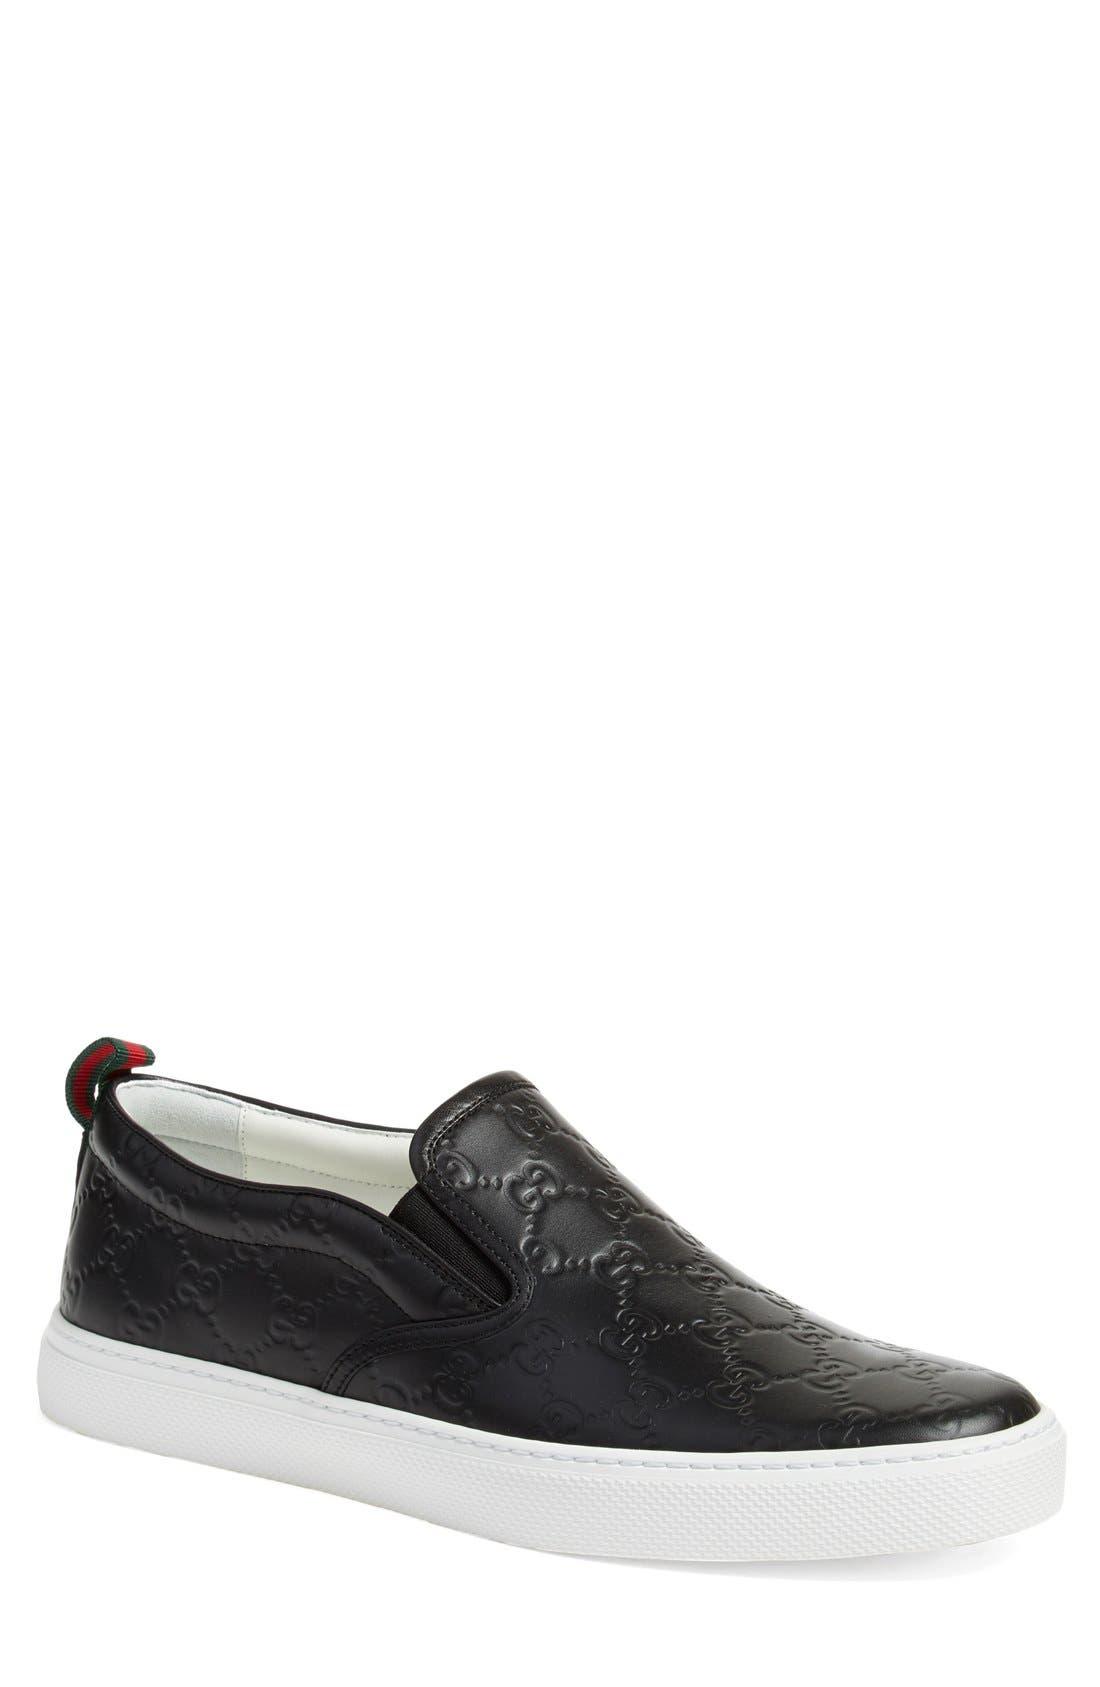 gucci shoes black and white. gucci dublin slip-on sneaker (men) shoes black and white